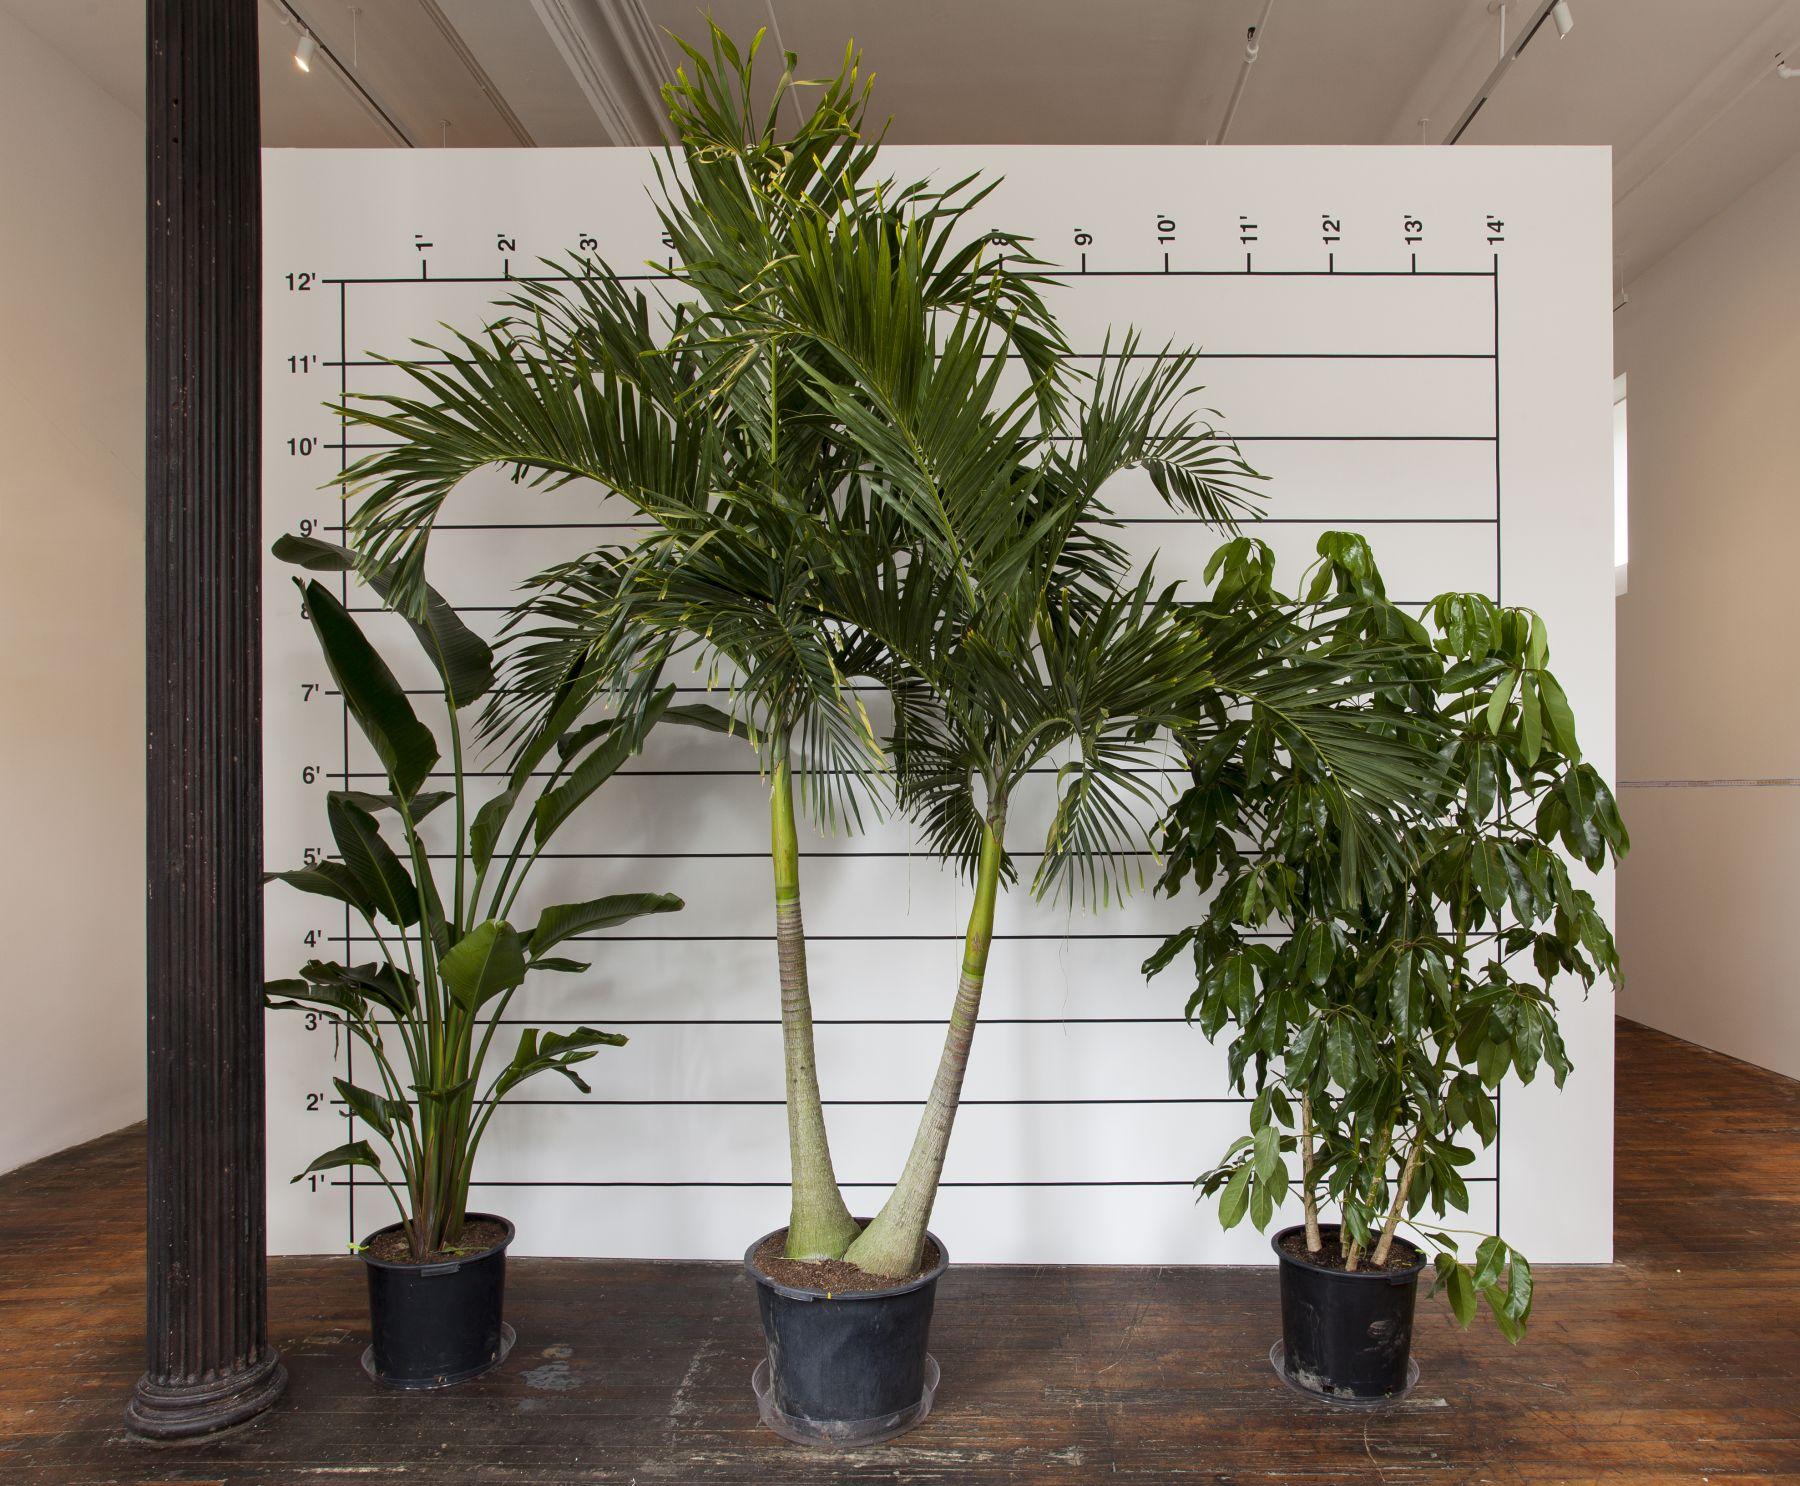 Mel Bochner, Measurement Plants